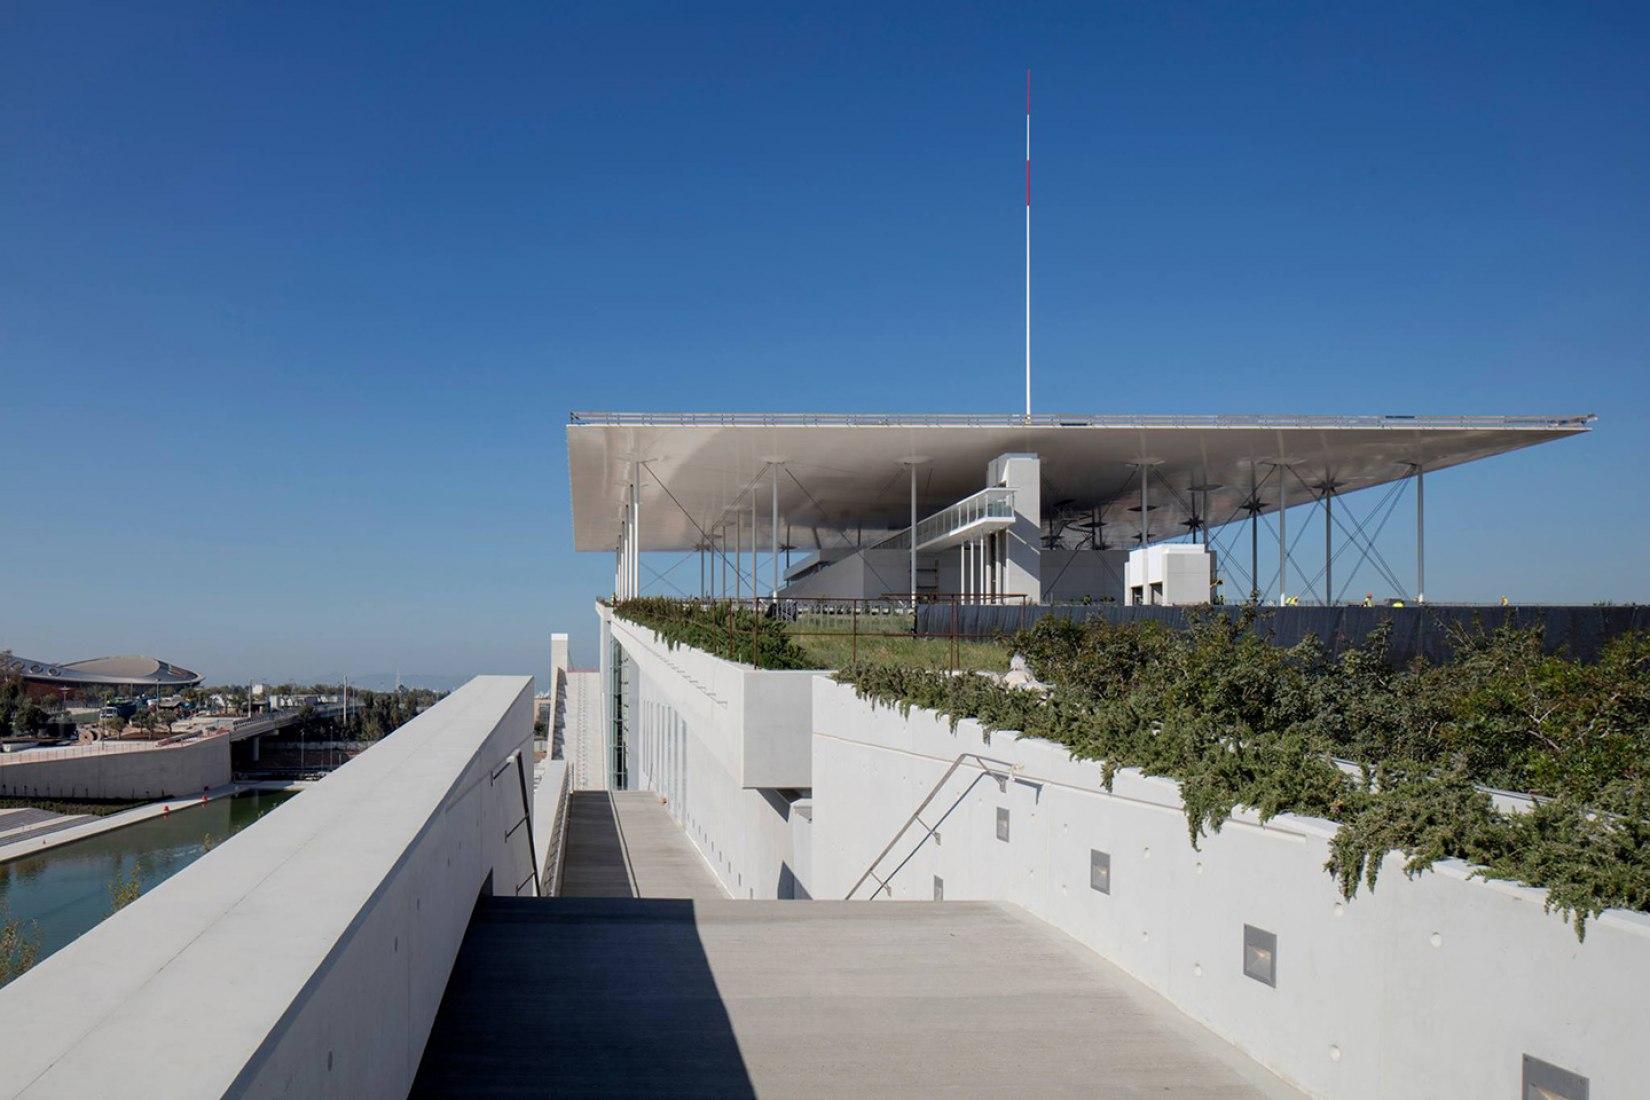 Vista exterior del Agora. Centro Cultural Fundación Stavros Niarchos por Renzo Piano. Fotografía © Michel Denancé, cortesía de Renzo Piano y Fundación Stavros Niarchos.